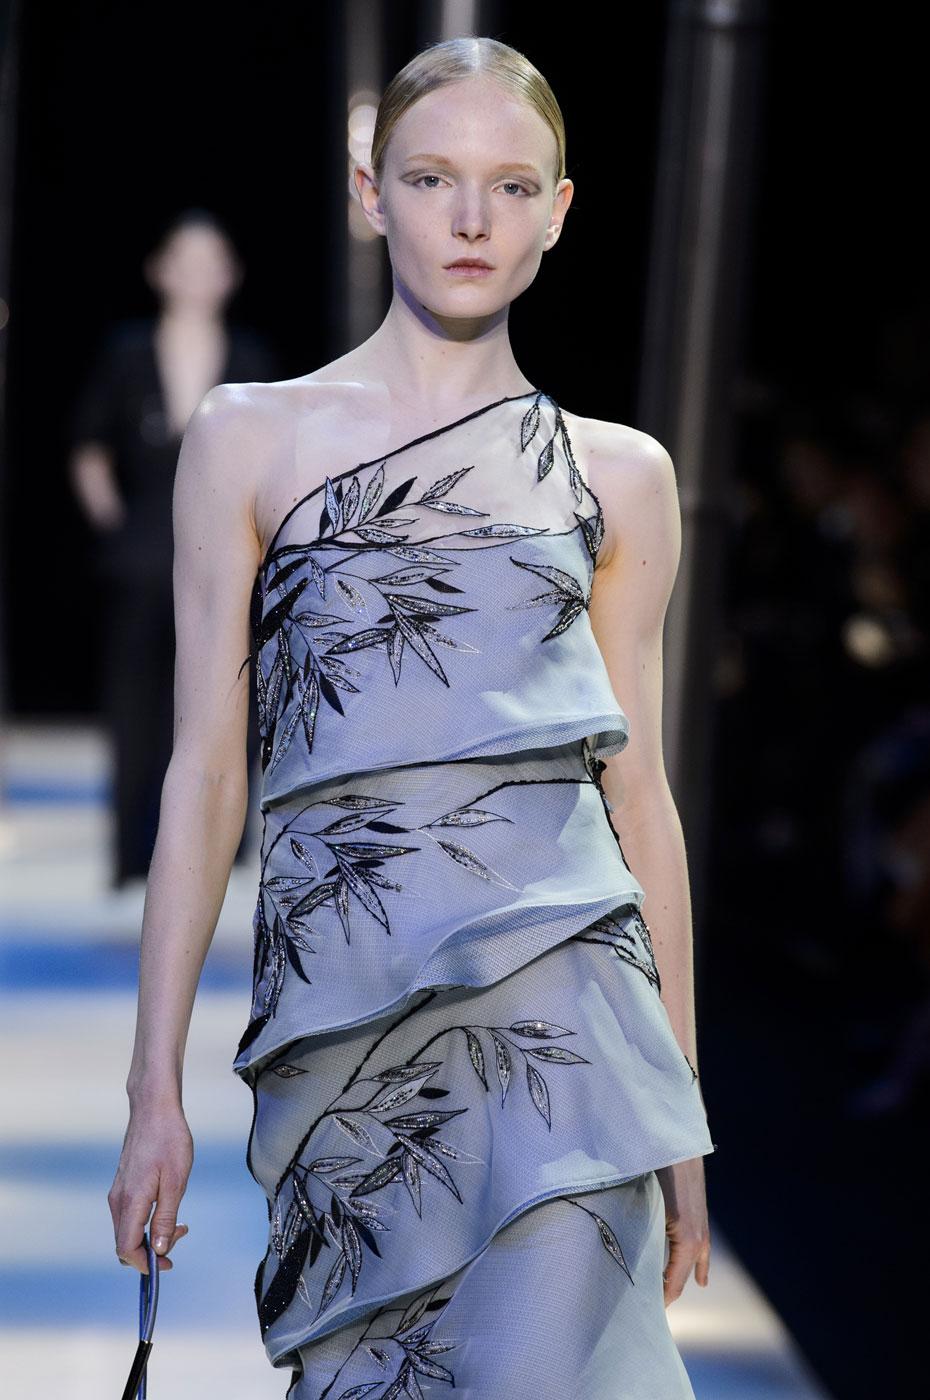 Giorgio-armani-Prive-fashion-runway-show-haute-couture-paris-spring-2015-the-impression-096